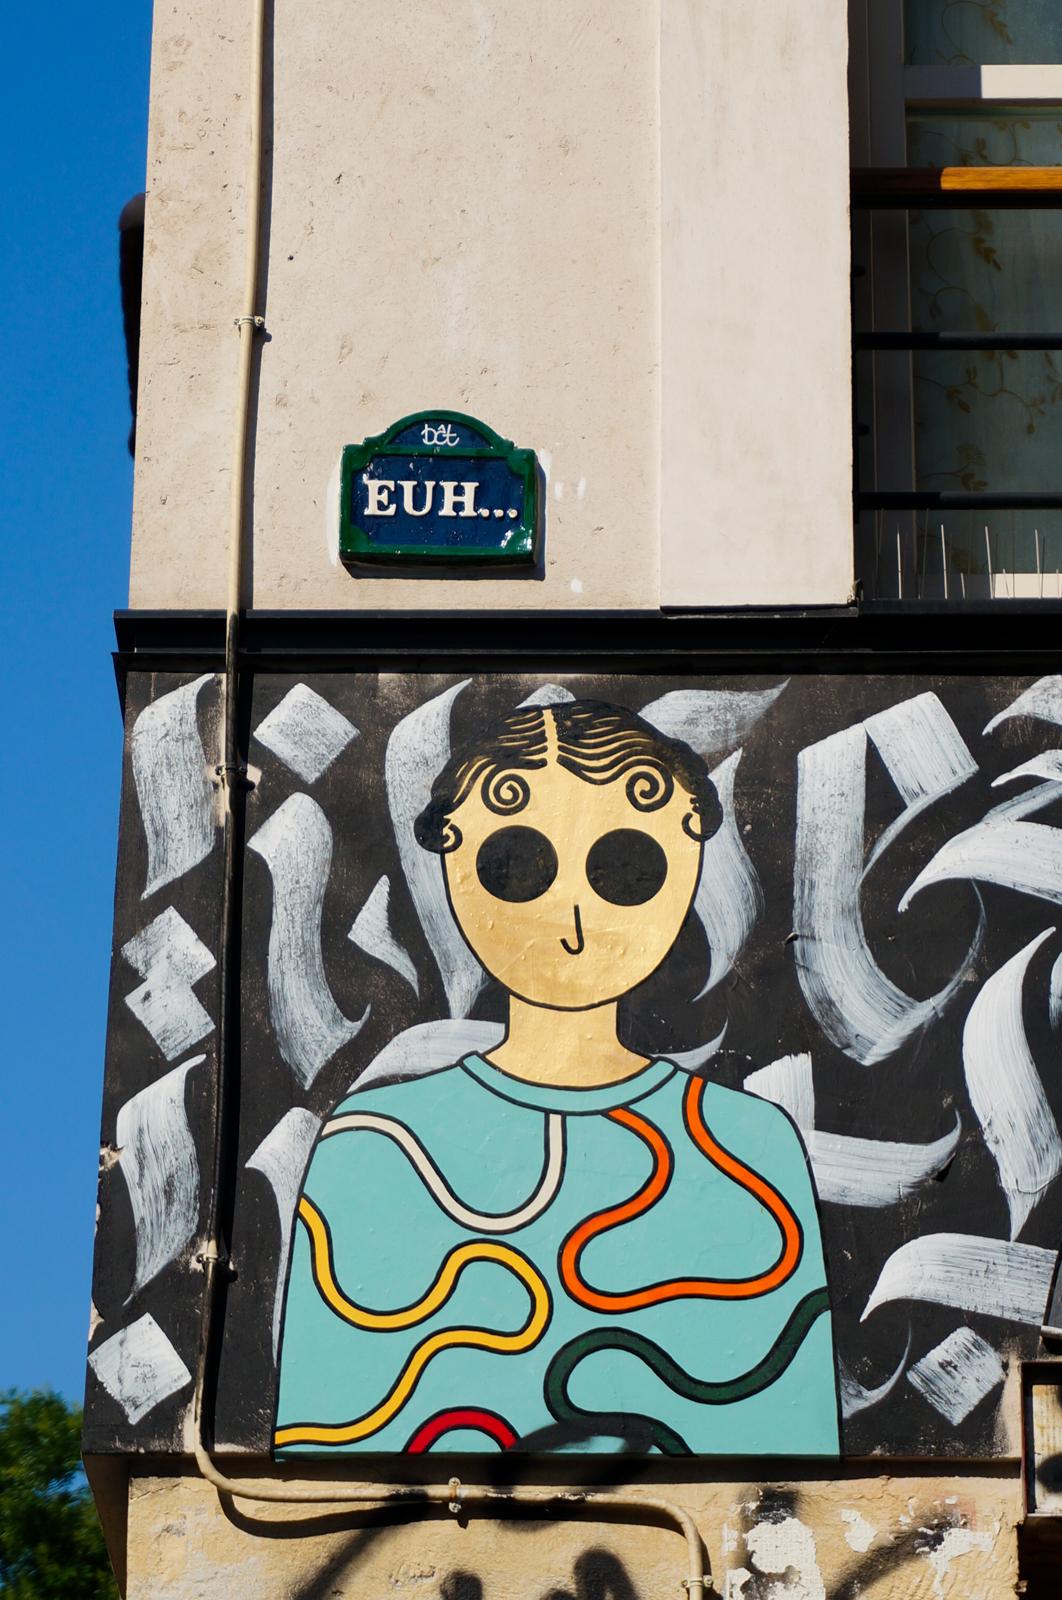 Kamlaurene, belleville quartier en bouteille, belleville, rue dénoyez, urban art paris, graffitti paris, paris authentique, paris populaire, paris original